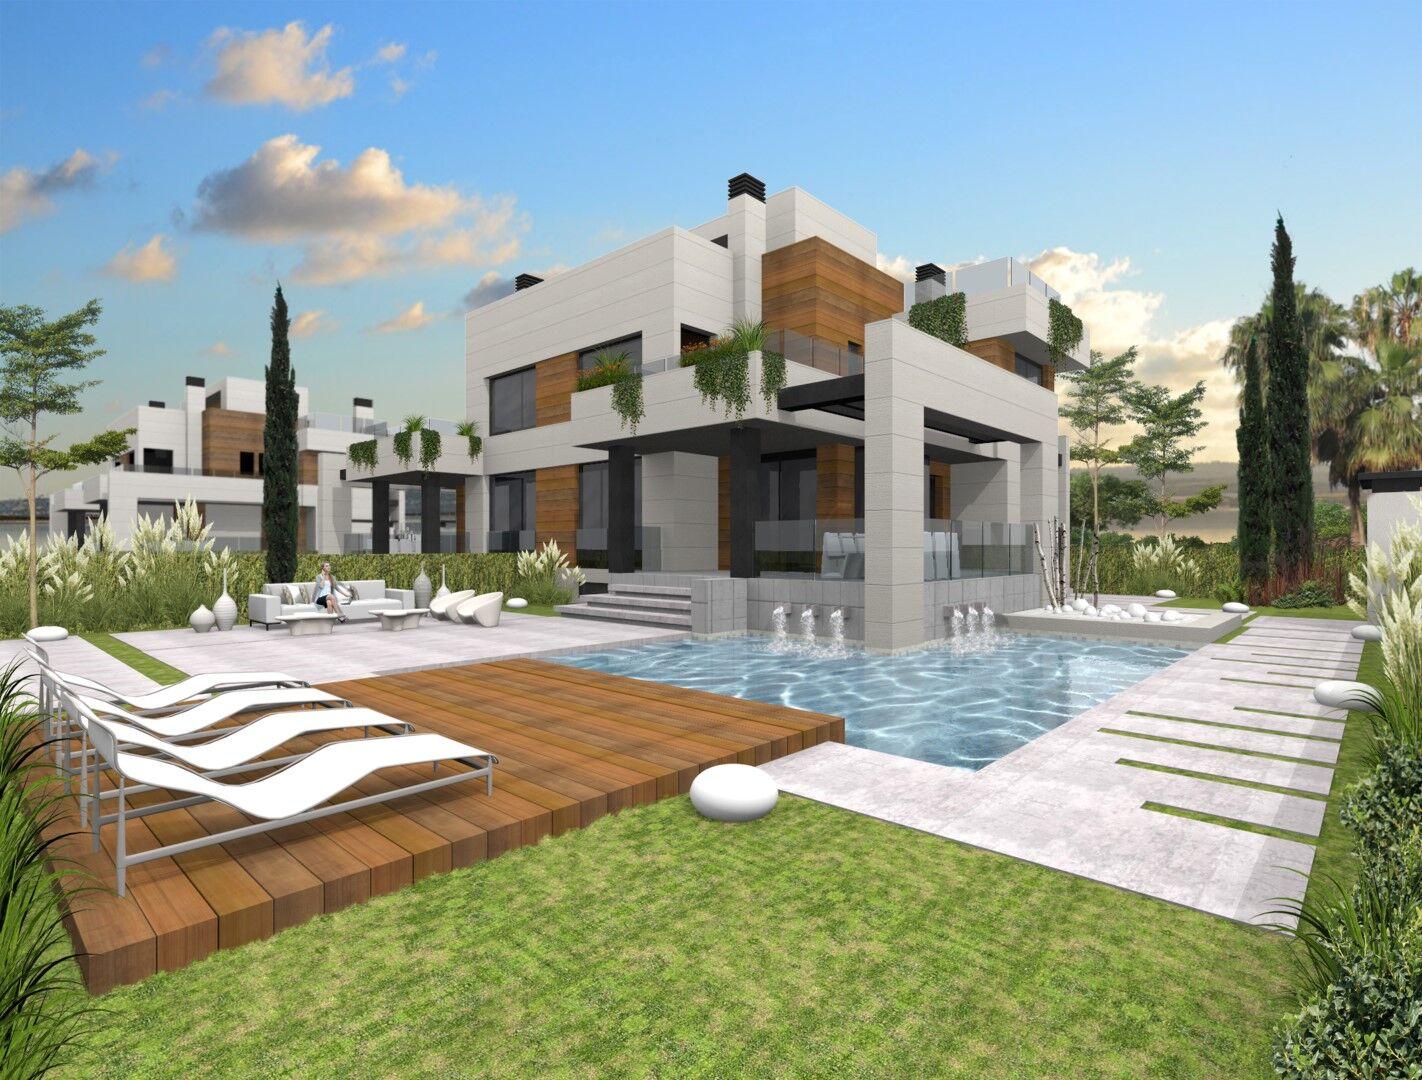 Spanien – Costa Blanca Süd – Moderne Luxusvilla mit privatem Pool und Keller, Nähe Zentrum Torrevieja